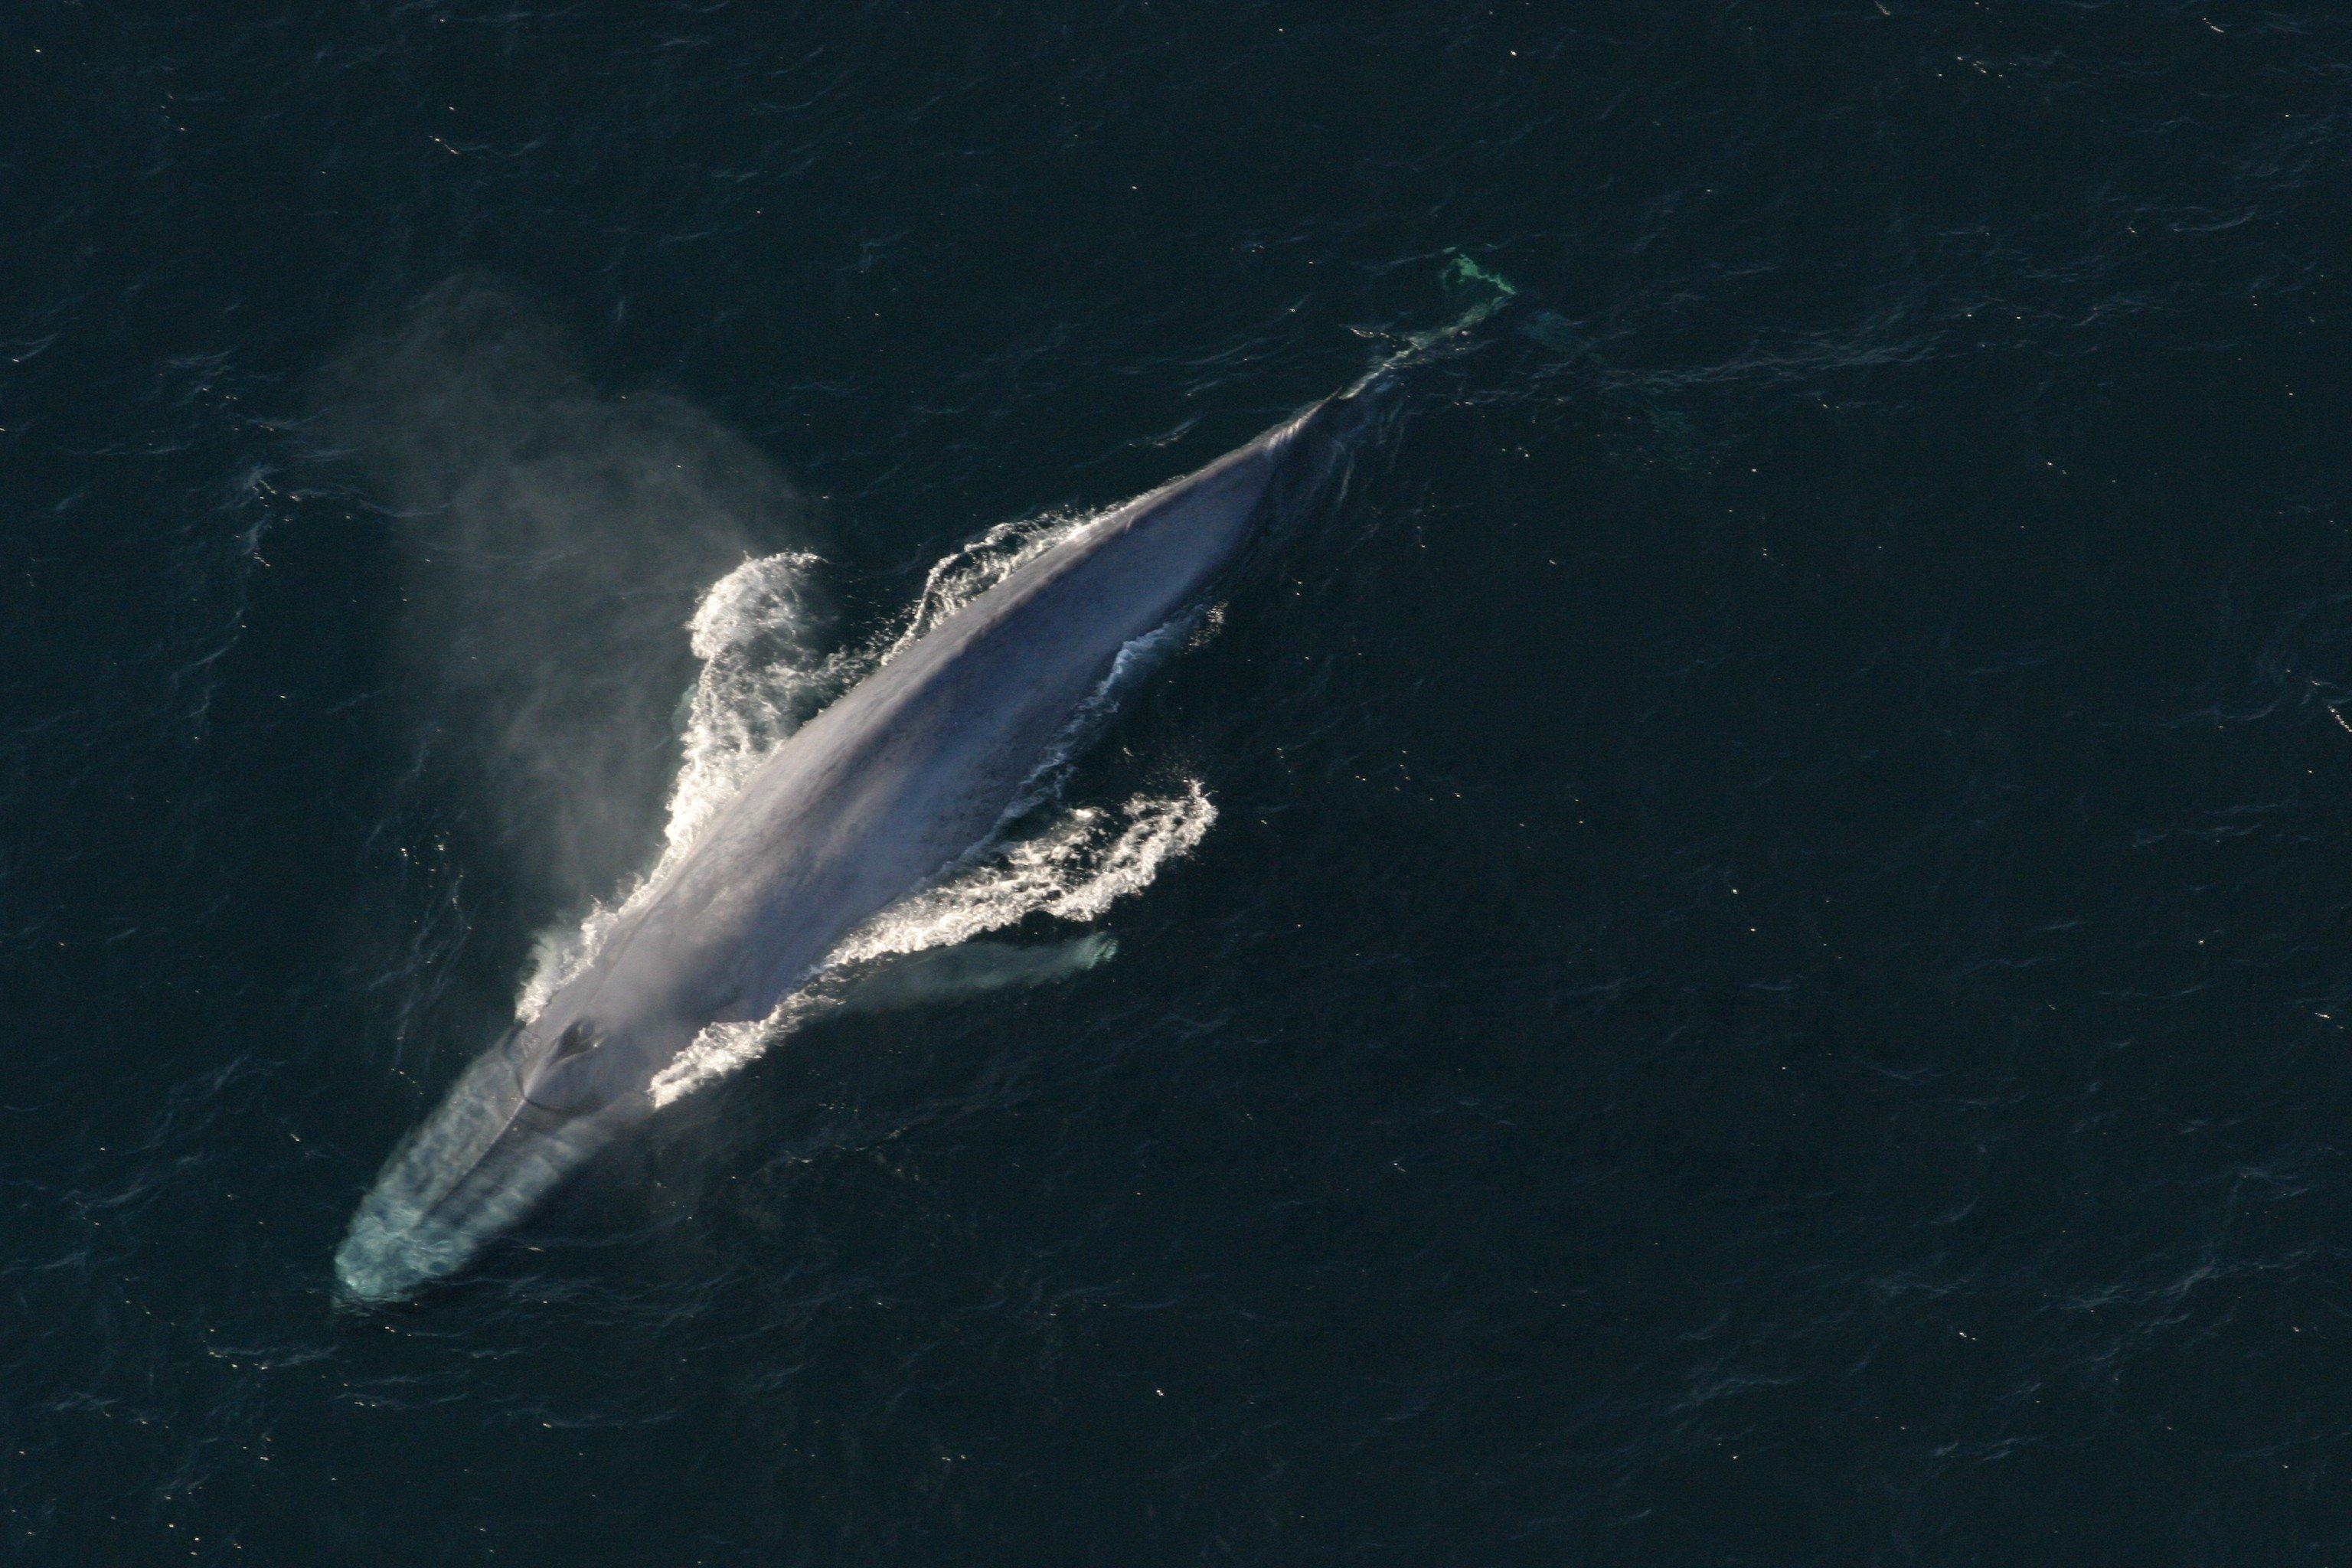 hogy a bálna nem szereti